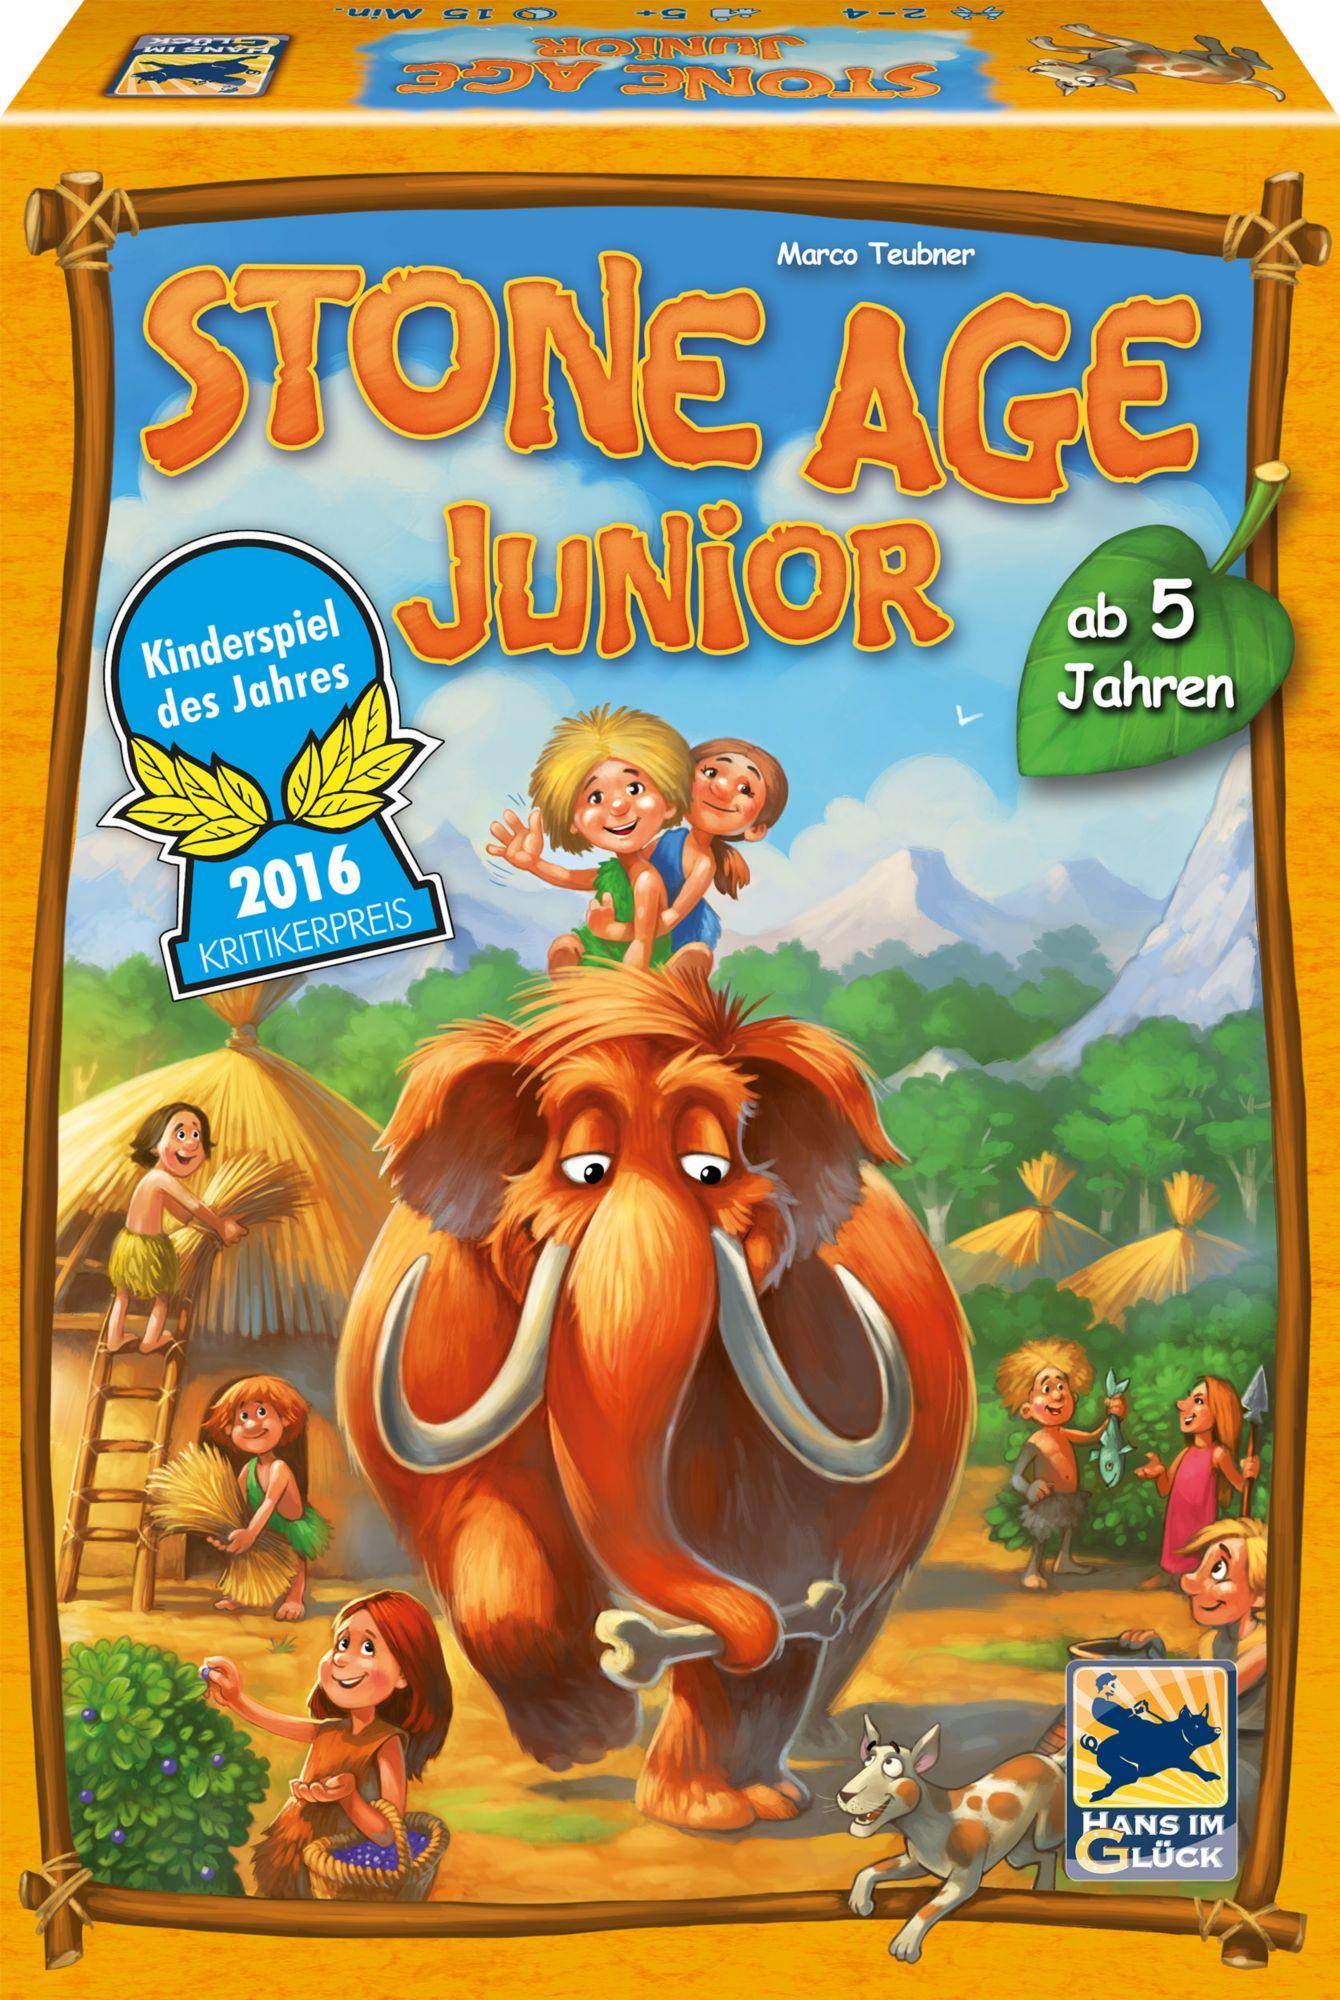 HANS IM GLÜCK Hans im Glück Strategiespiel, »Stone Age Junior«